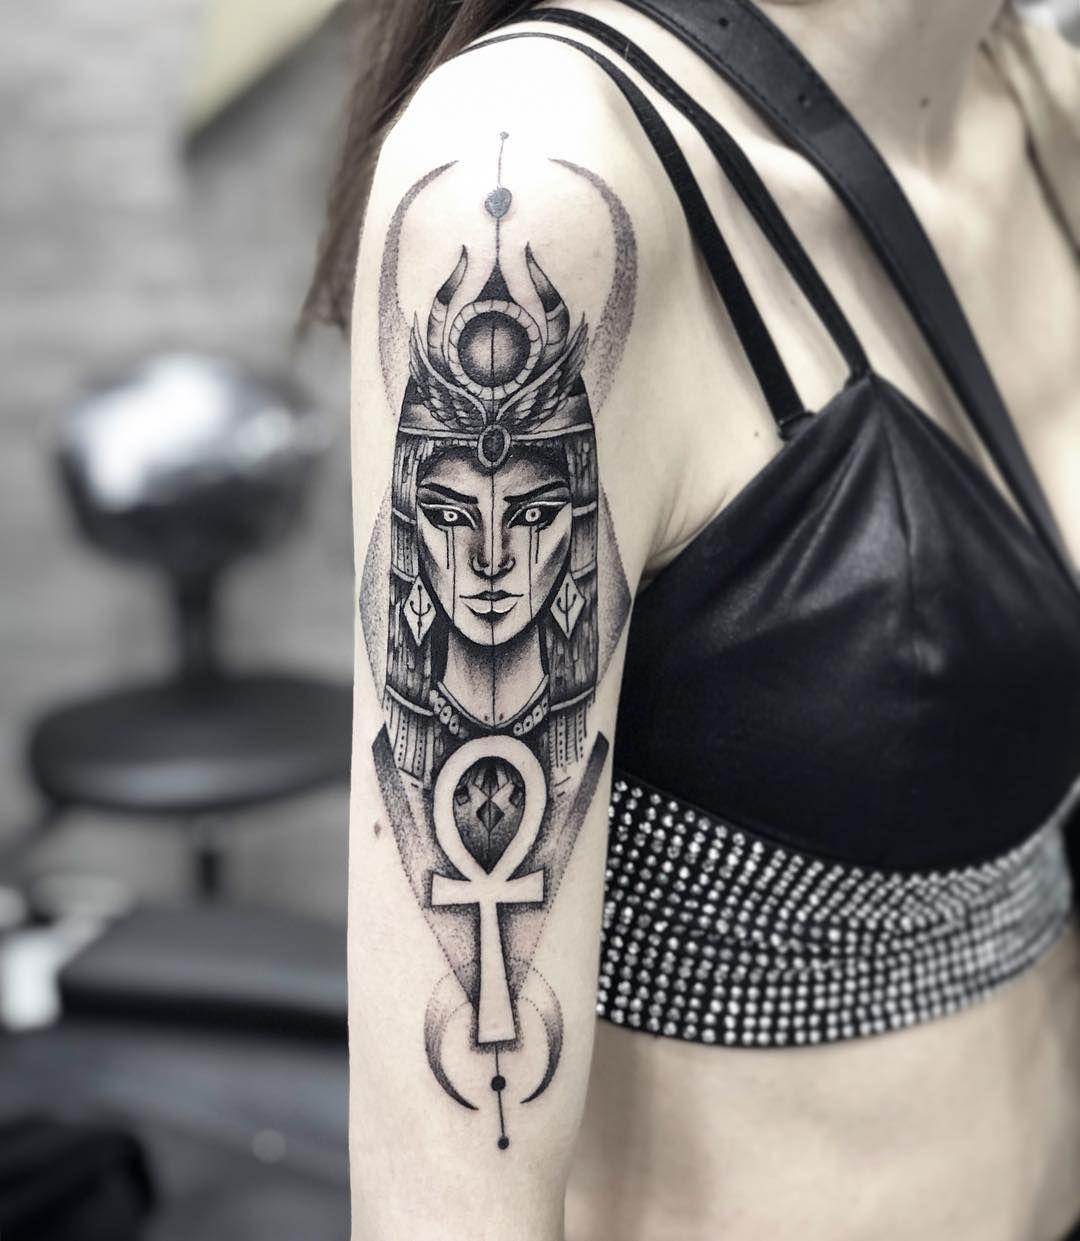 Last Tattoo 2018 Tattoo Tattoos Cleopatratattoo Ink Inked Tattooed Tattooist Coverup Sanat Beyoglu Insta Cleopatra Tattoo Tattoos Egyptian Tattoo